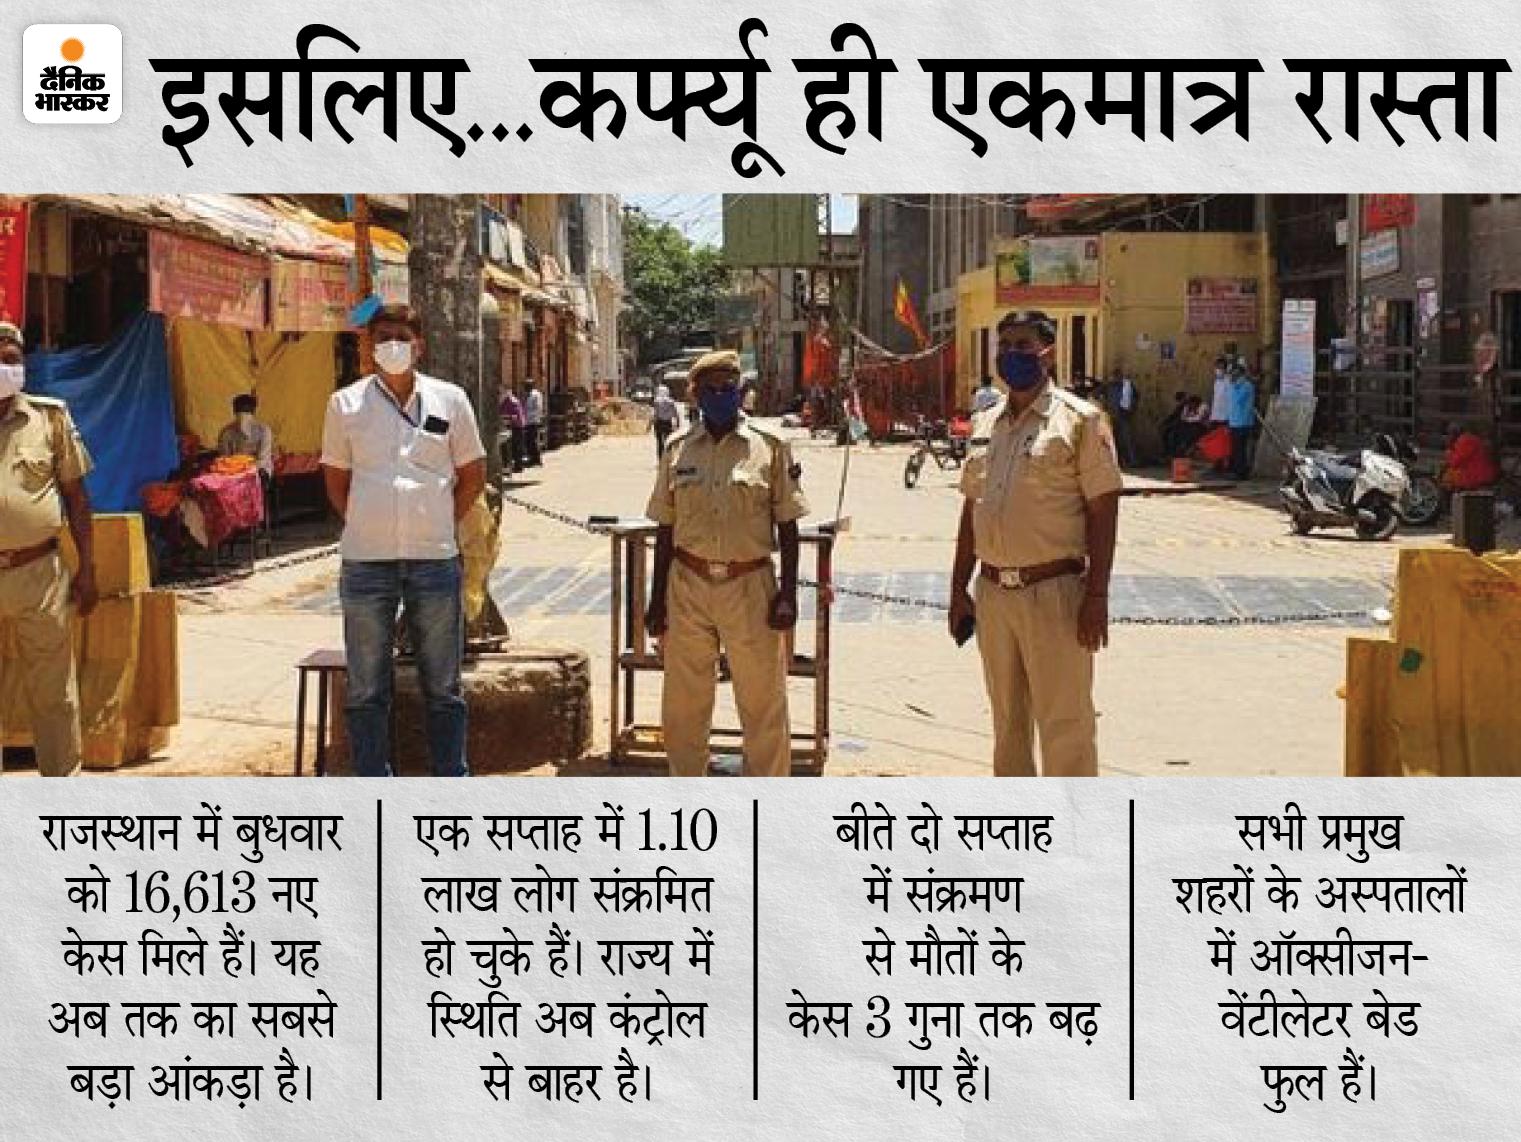 3 मई के बाद 15 दिन कर्फ्यू बढ़ाने की तैयारी, एक्सपर्ट ने कहा- और कोई रास्ता नहीं; 1-2 मई को जारी होगी नई गाइडलाइन|जयपुर,Jaipur - Dainik Bhaskar